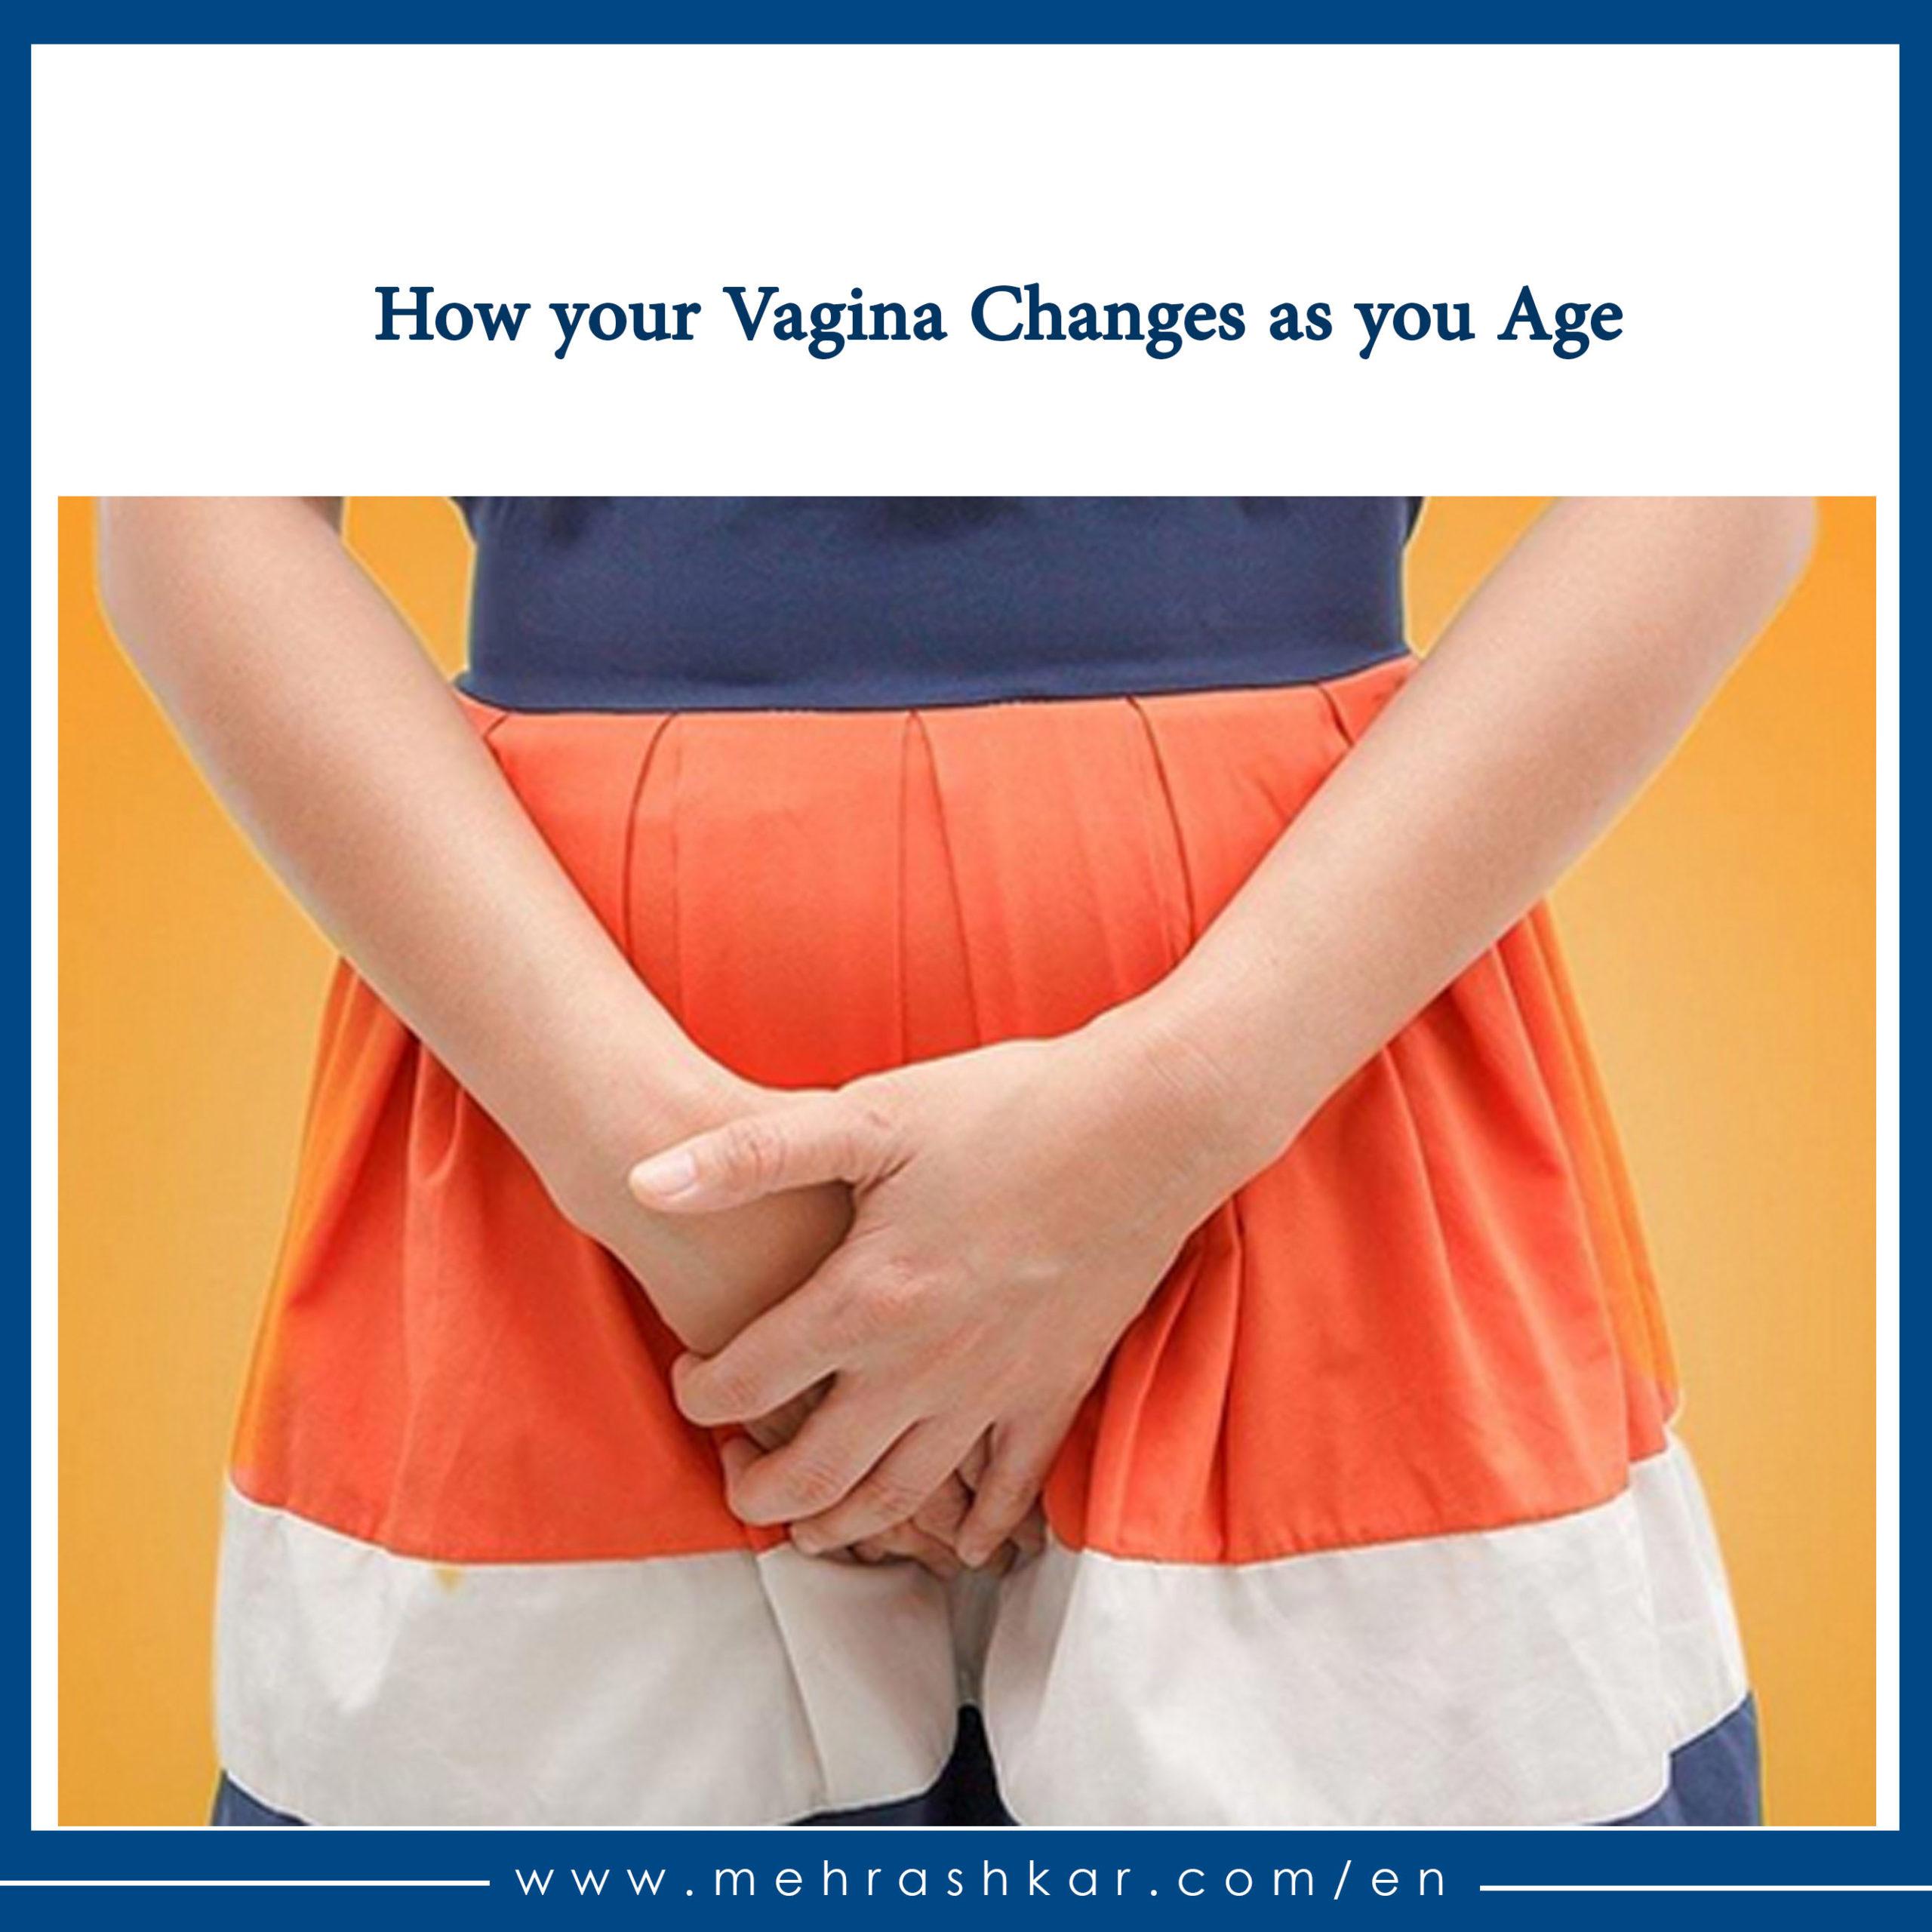 تاثیر بالا رفتن سن بر واژن